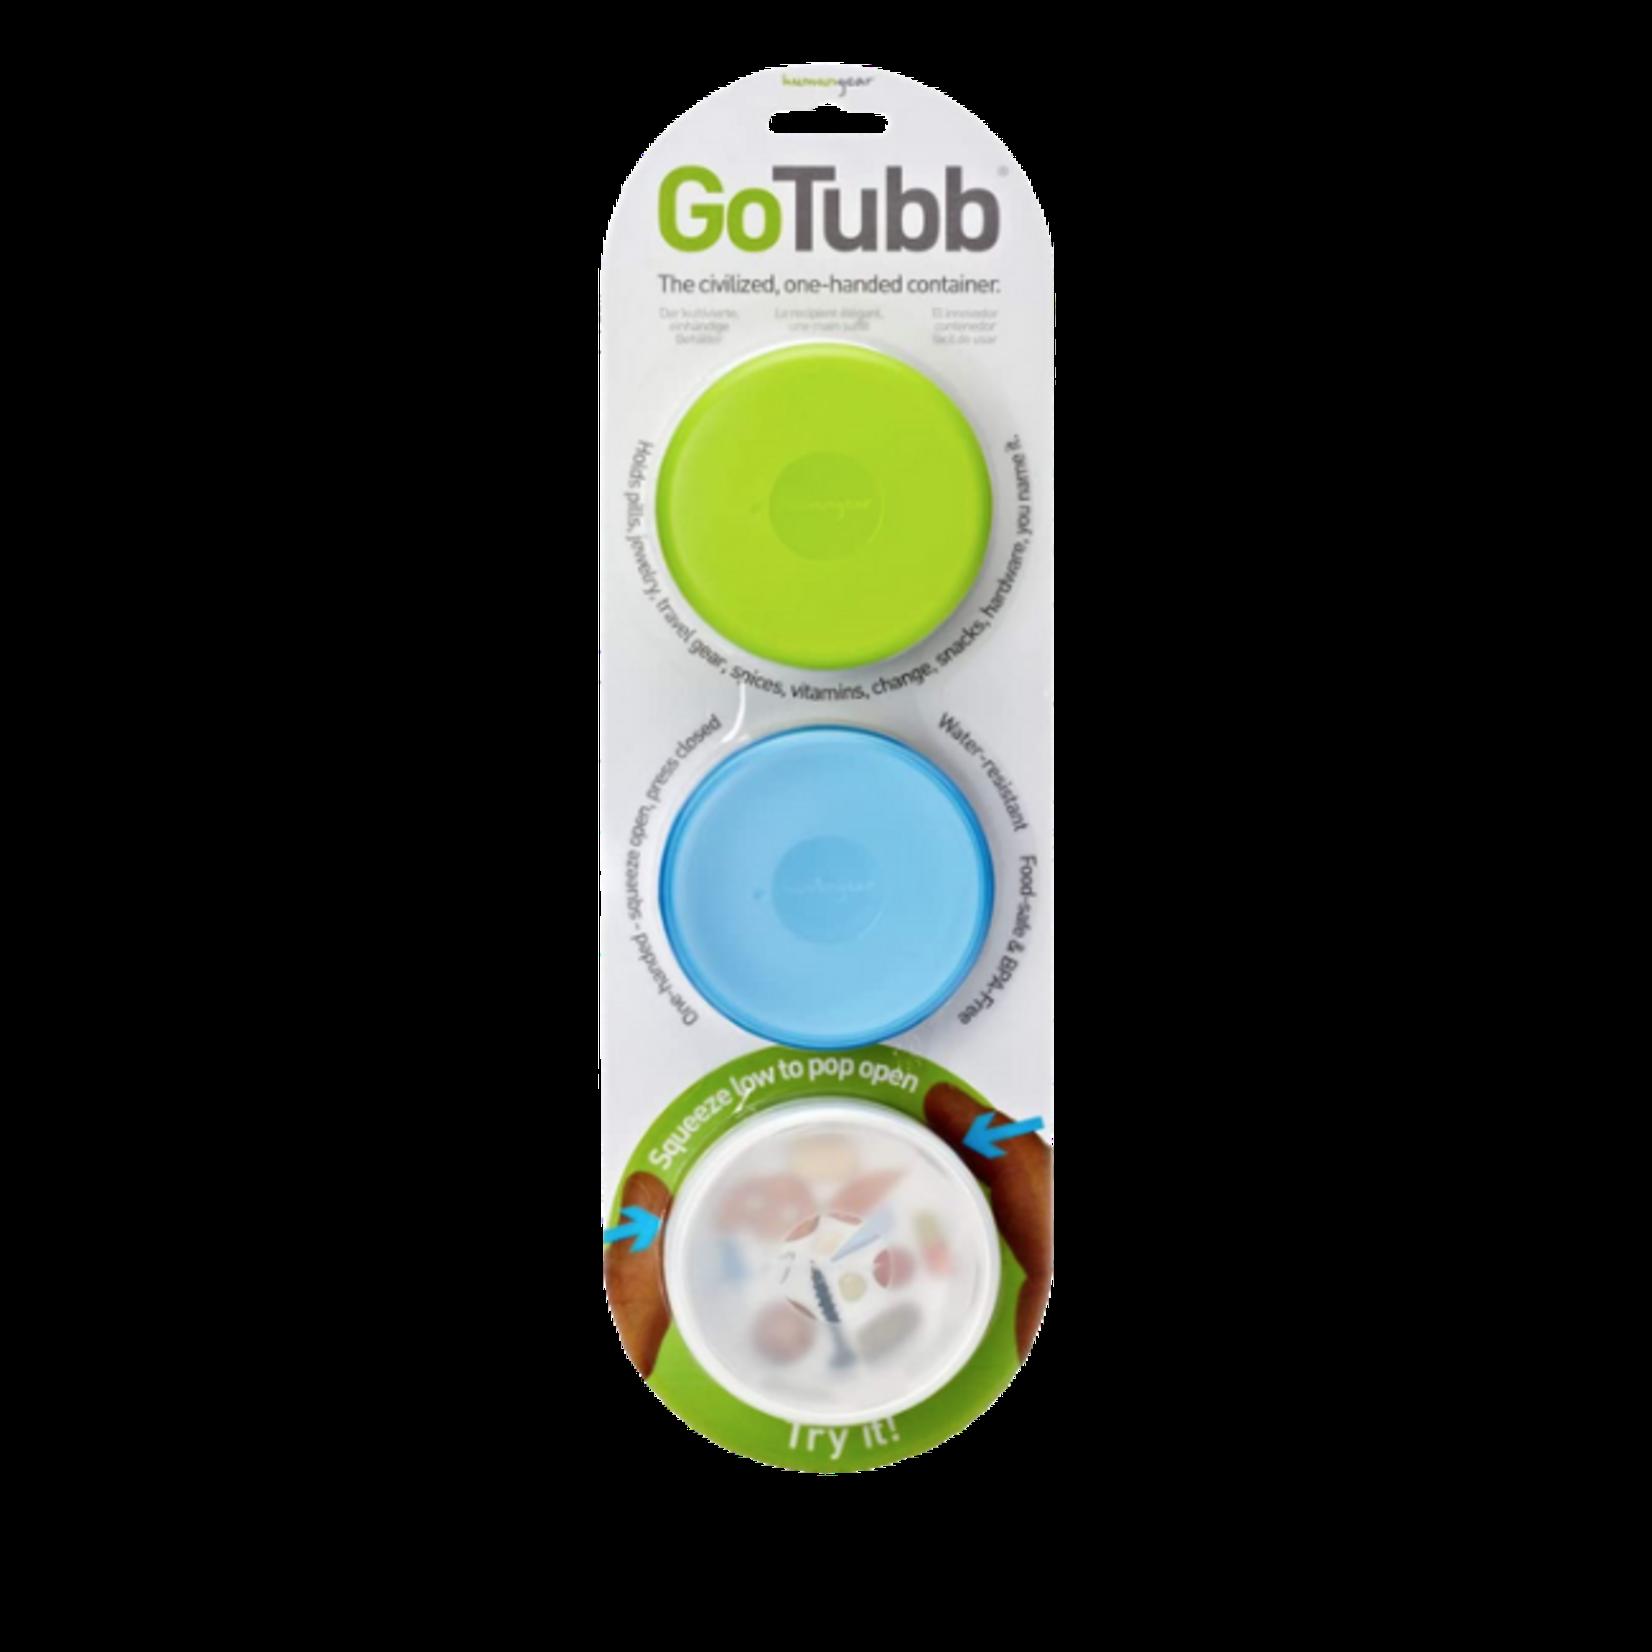 GoTubb 3-Pack Med